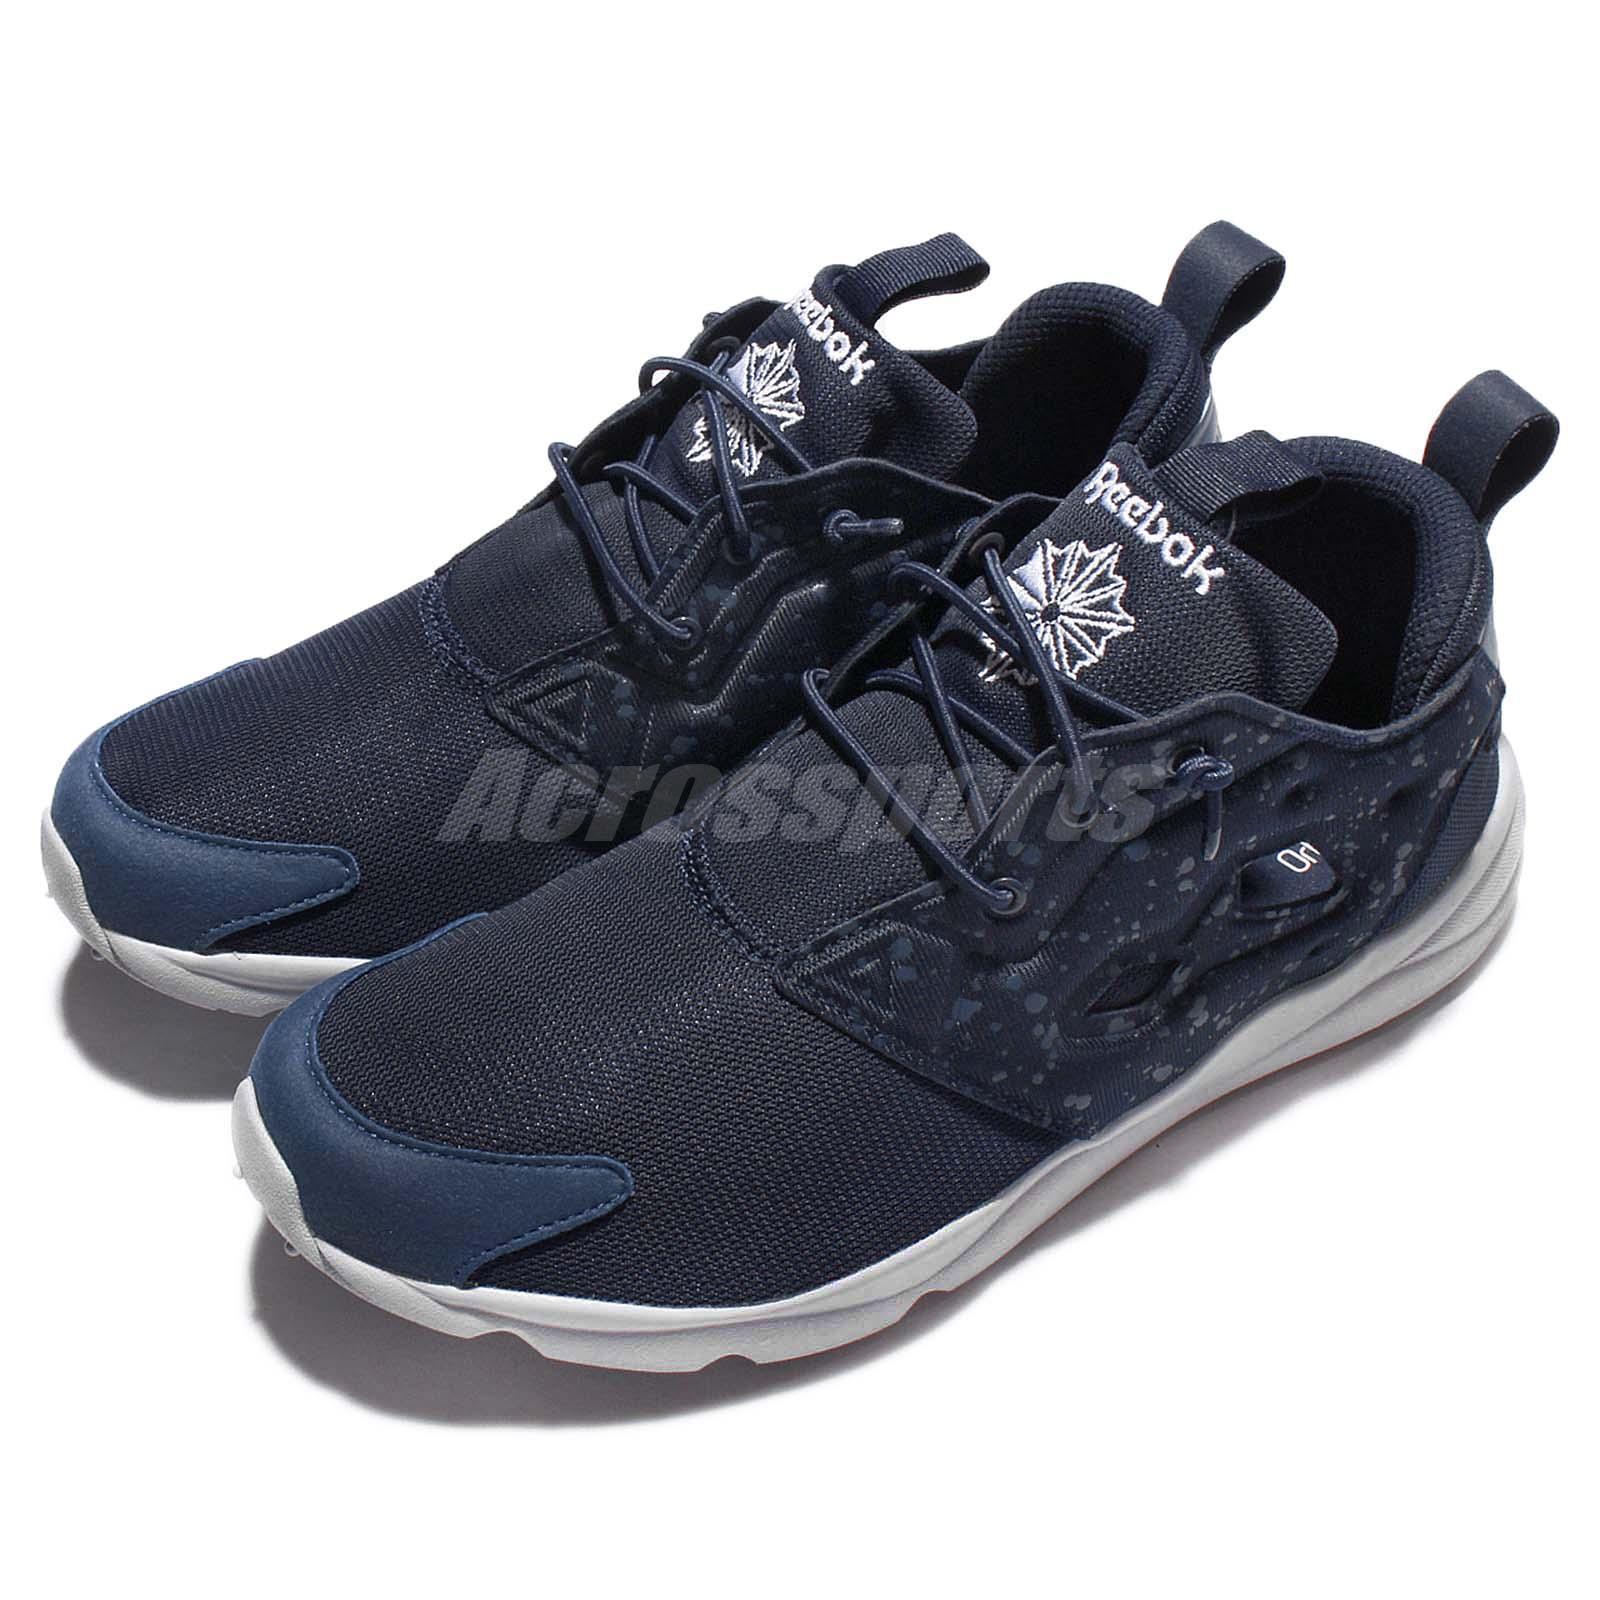 5517f67939f Reebok Furylite SP Azul Marino Gris Hombre Para Correr Zapatos Tenis ...